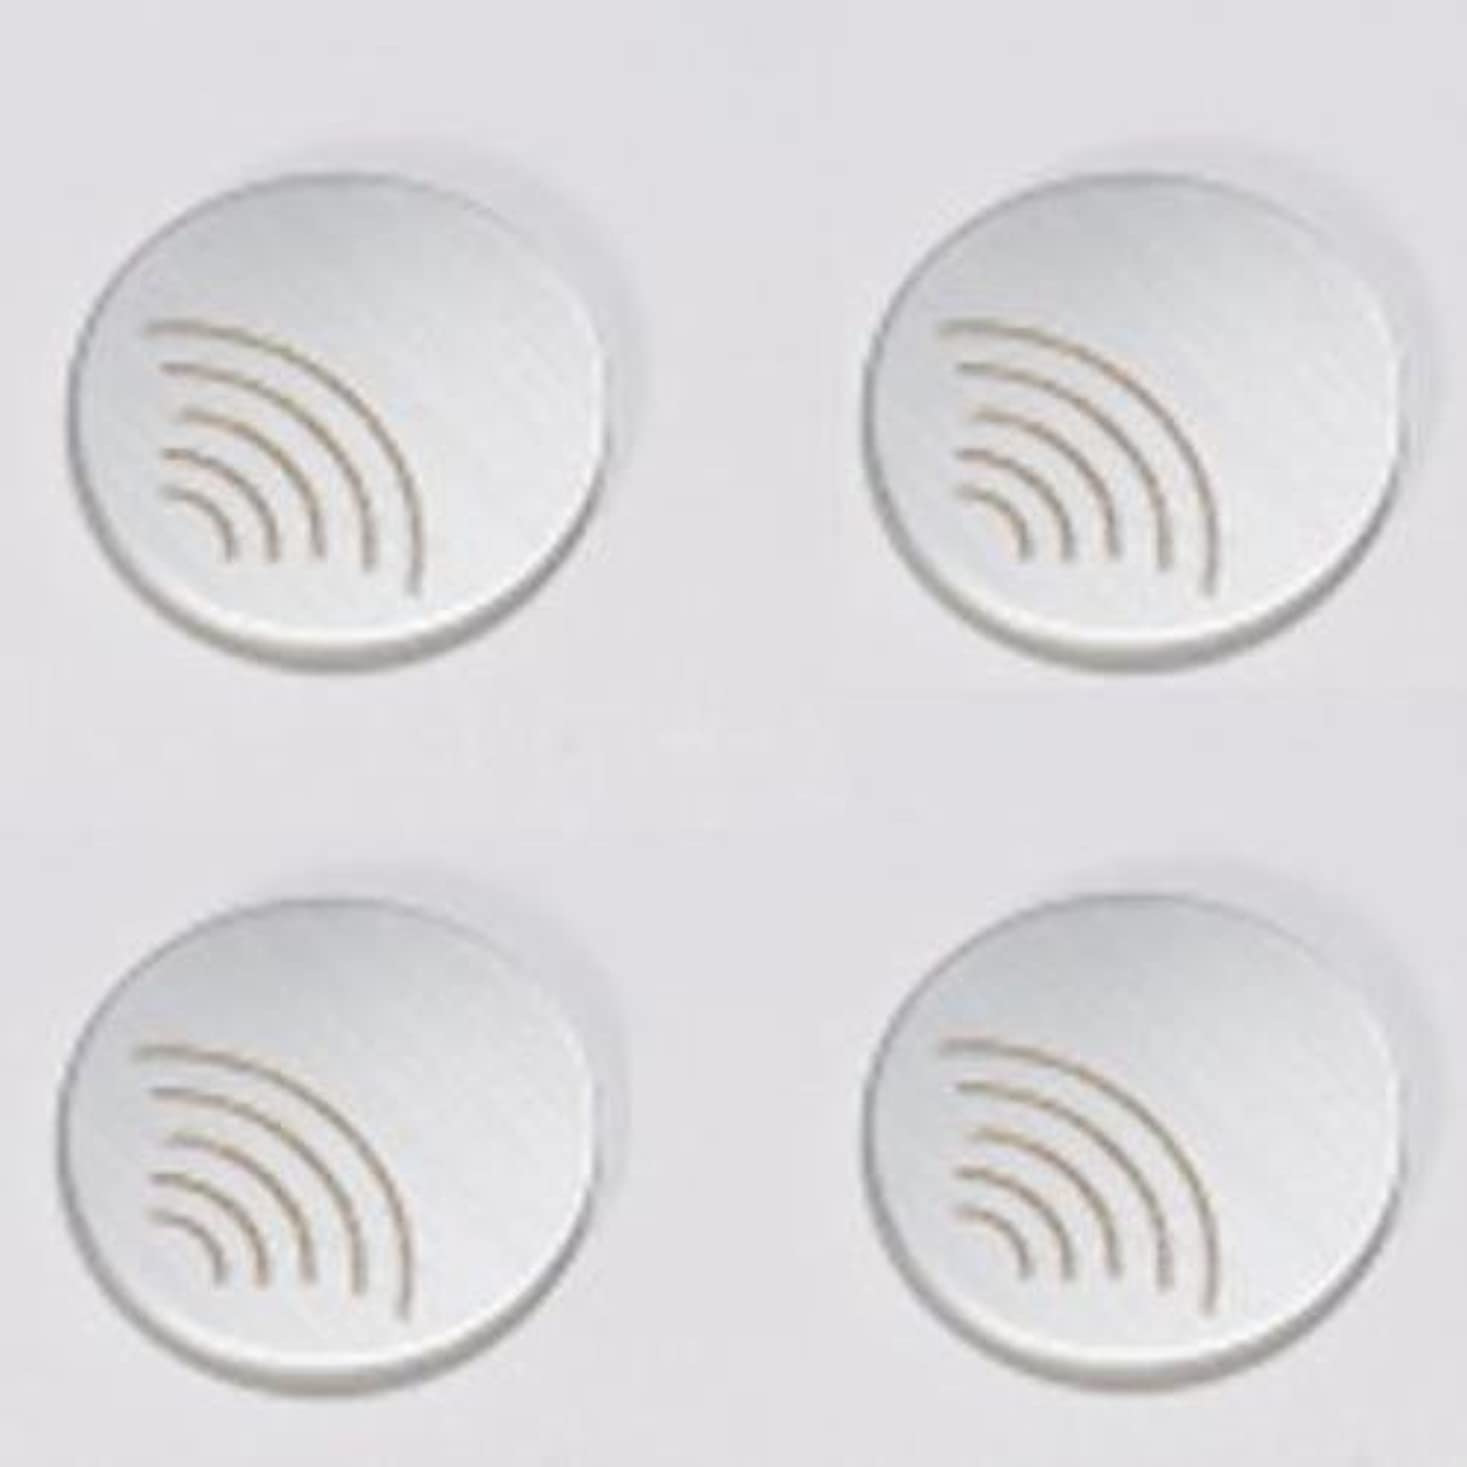 支出ラフうねるBhado 携帯電話用 1g 4個セット